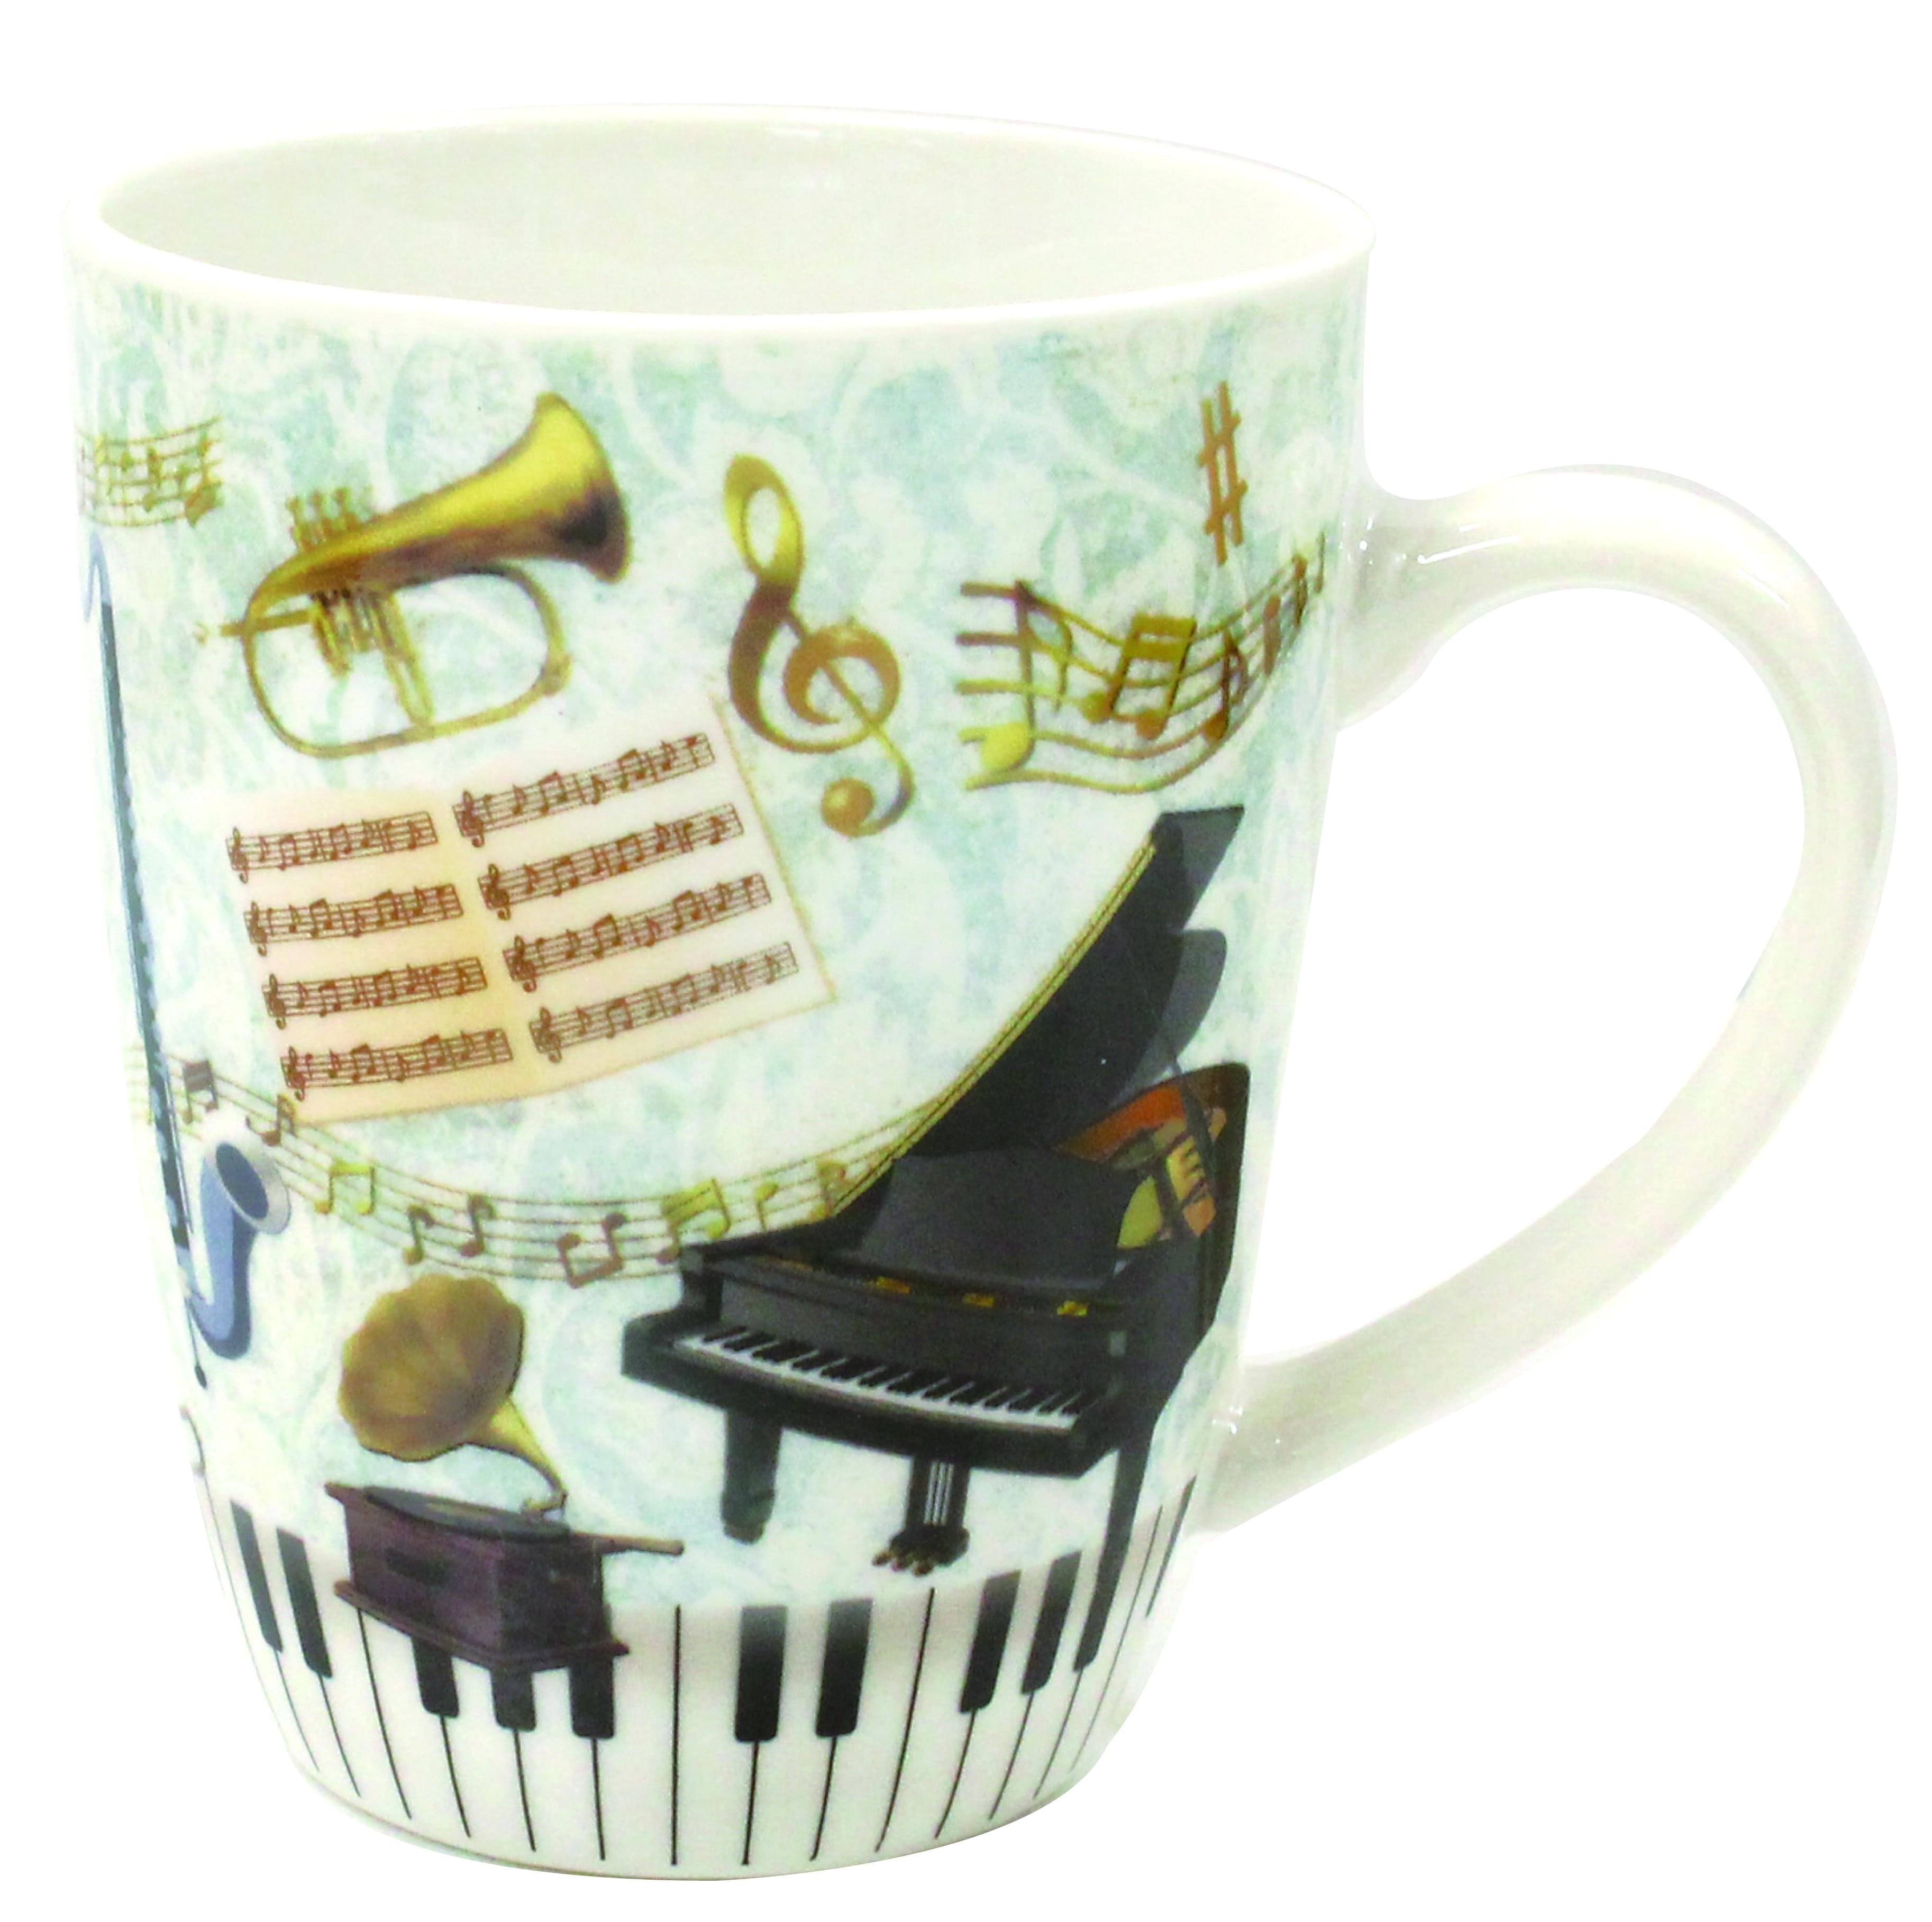 楽器マグカップ ※お取り寄せ商品 引き出物 記念品 音楽雑貨 音符 ピアノモチーフ ト音記号 ピアノ雑貨